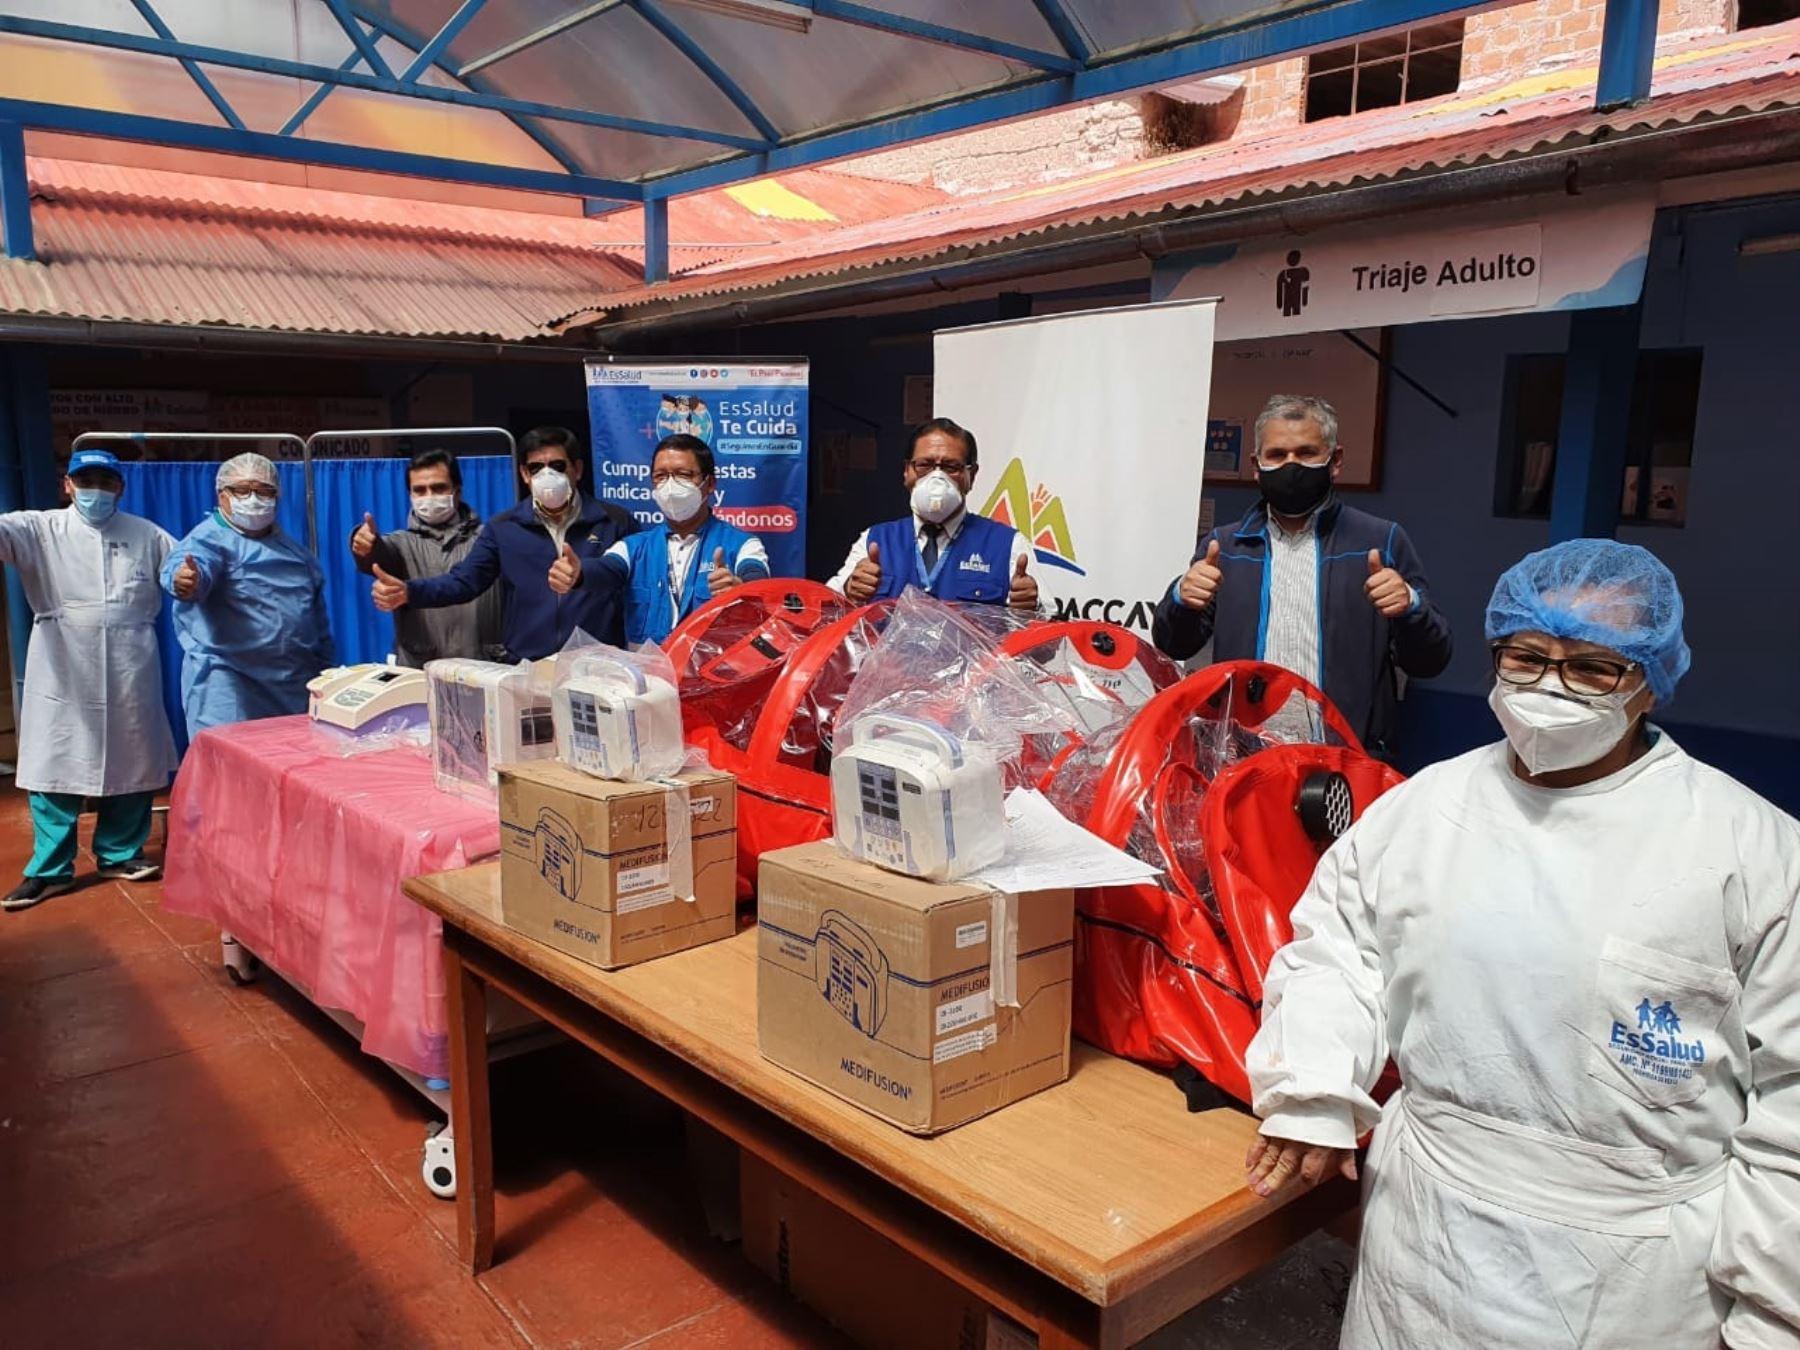 Mineras refuerzan ayudan en la lucha contra el coronavirus (covid-19) que libran las autoridades de salud en provincias de Espinar y Chumbivilcas, región Cusco. ANDINA/Difusión